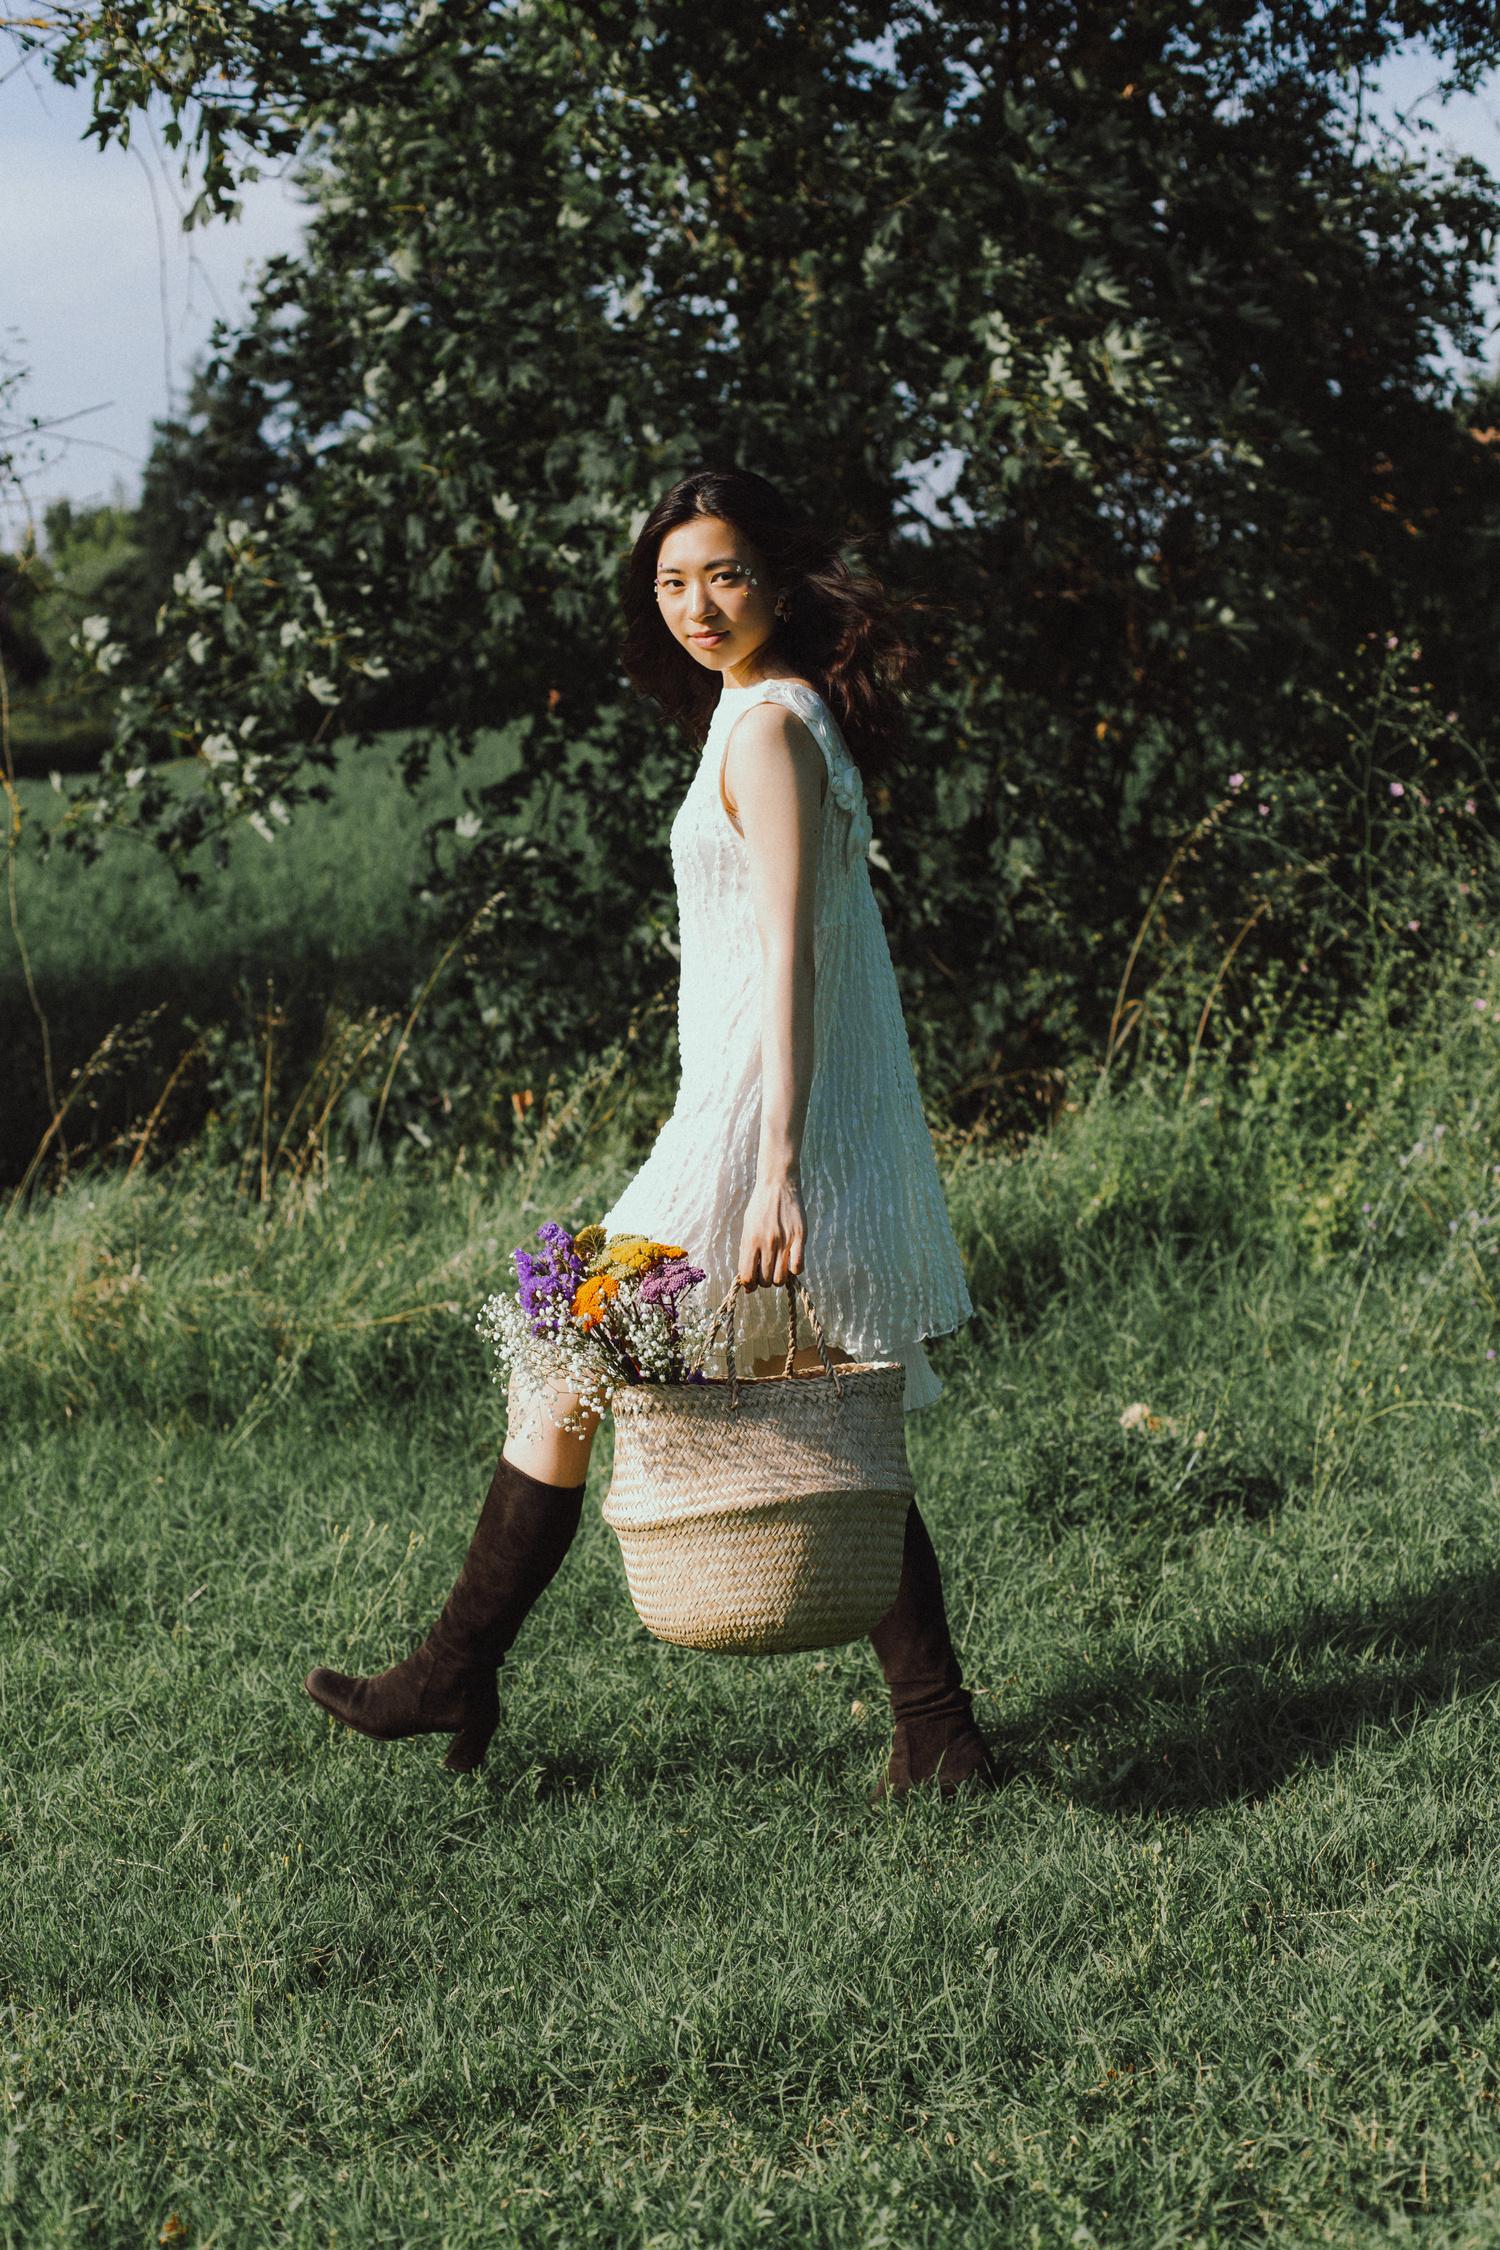 Ritratto di ragazza in piedi con vestito, stivali e fiori, anni '60